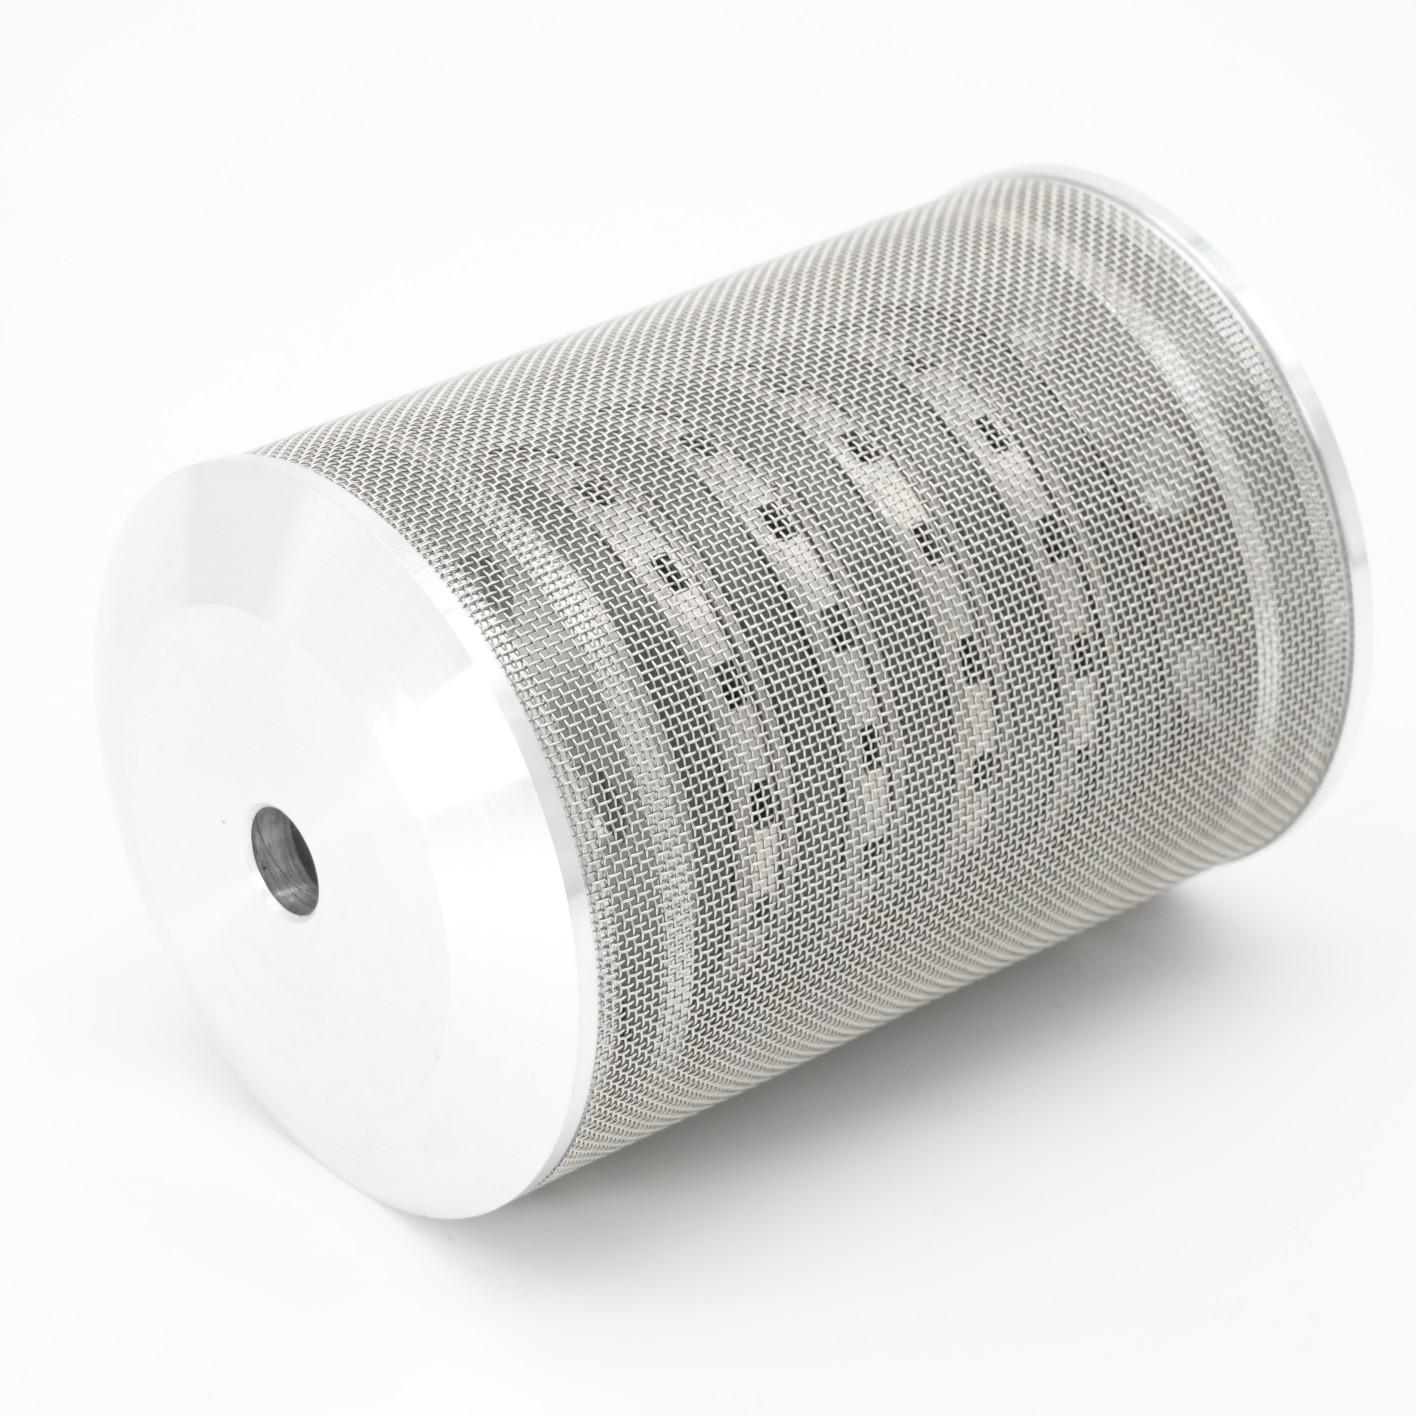 ローバーミニ 磁力型オイルフィルター「PECS(コア増し大容量)」AT用本体